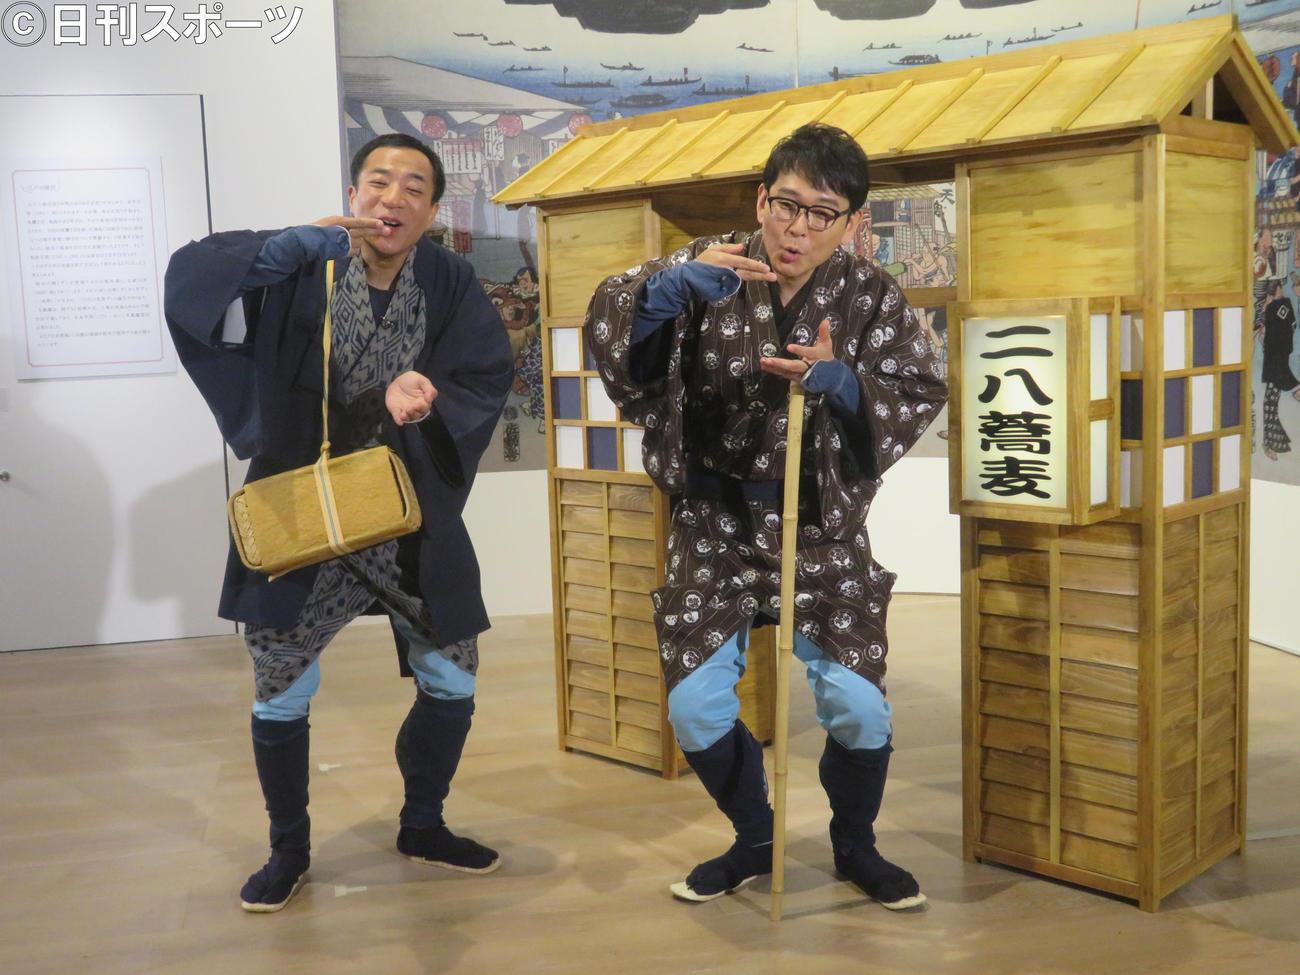 弥次喜多コスチュームでそば食いポーズを決めるナイツ塙宣之(左)と土屋伸之